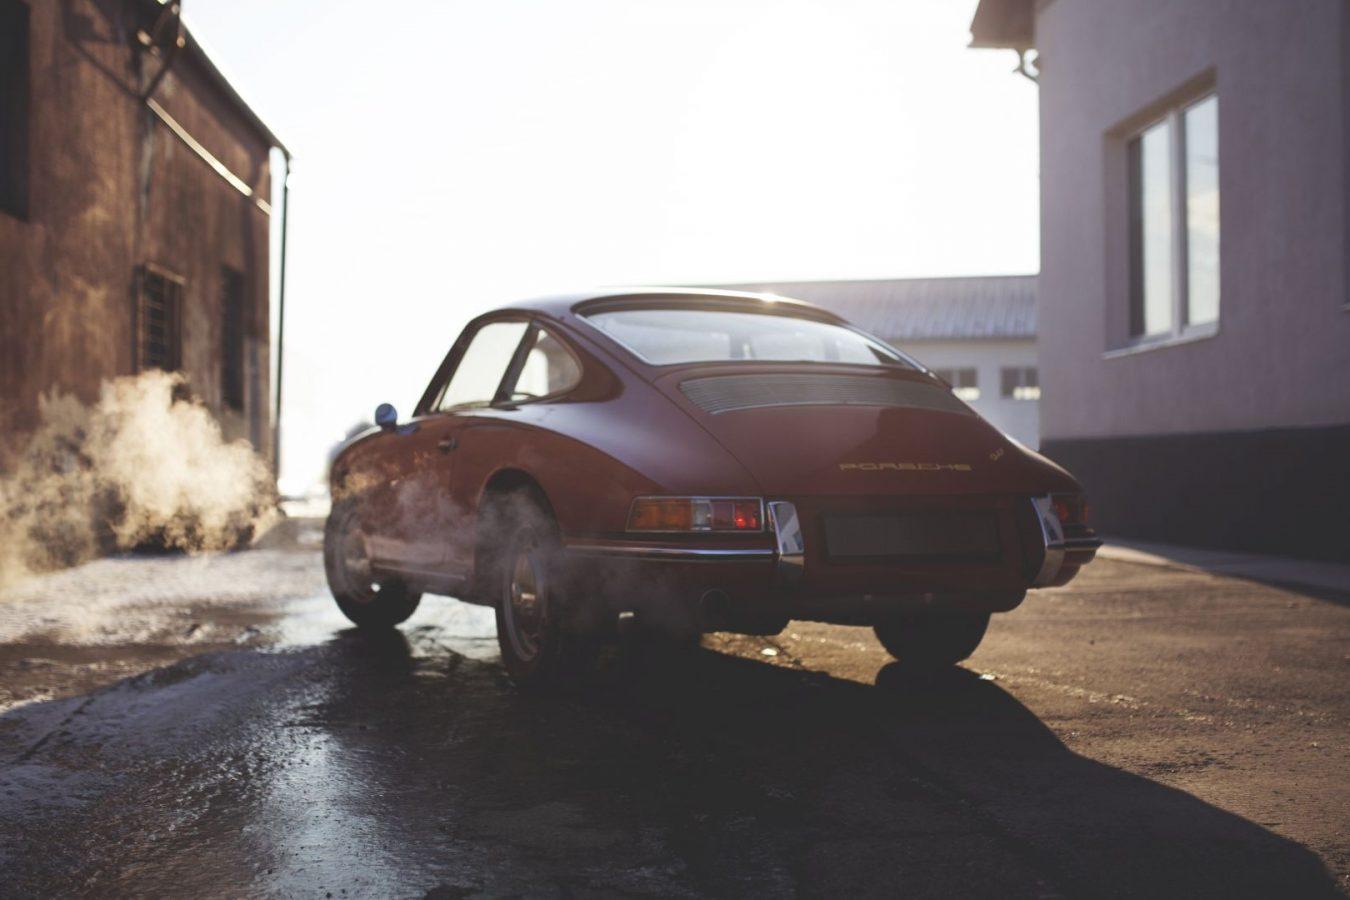 Roter Porsche 911 SWB in einer Einfahrt